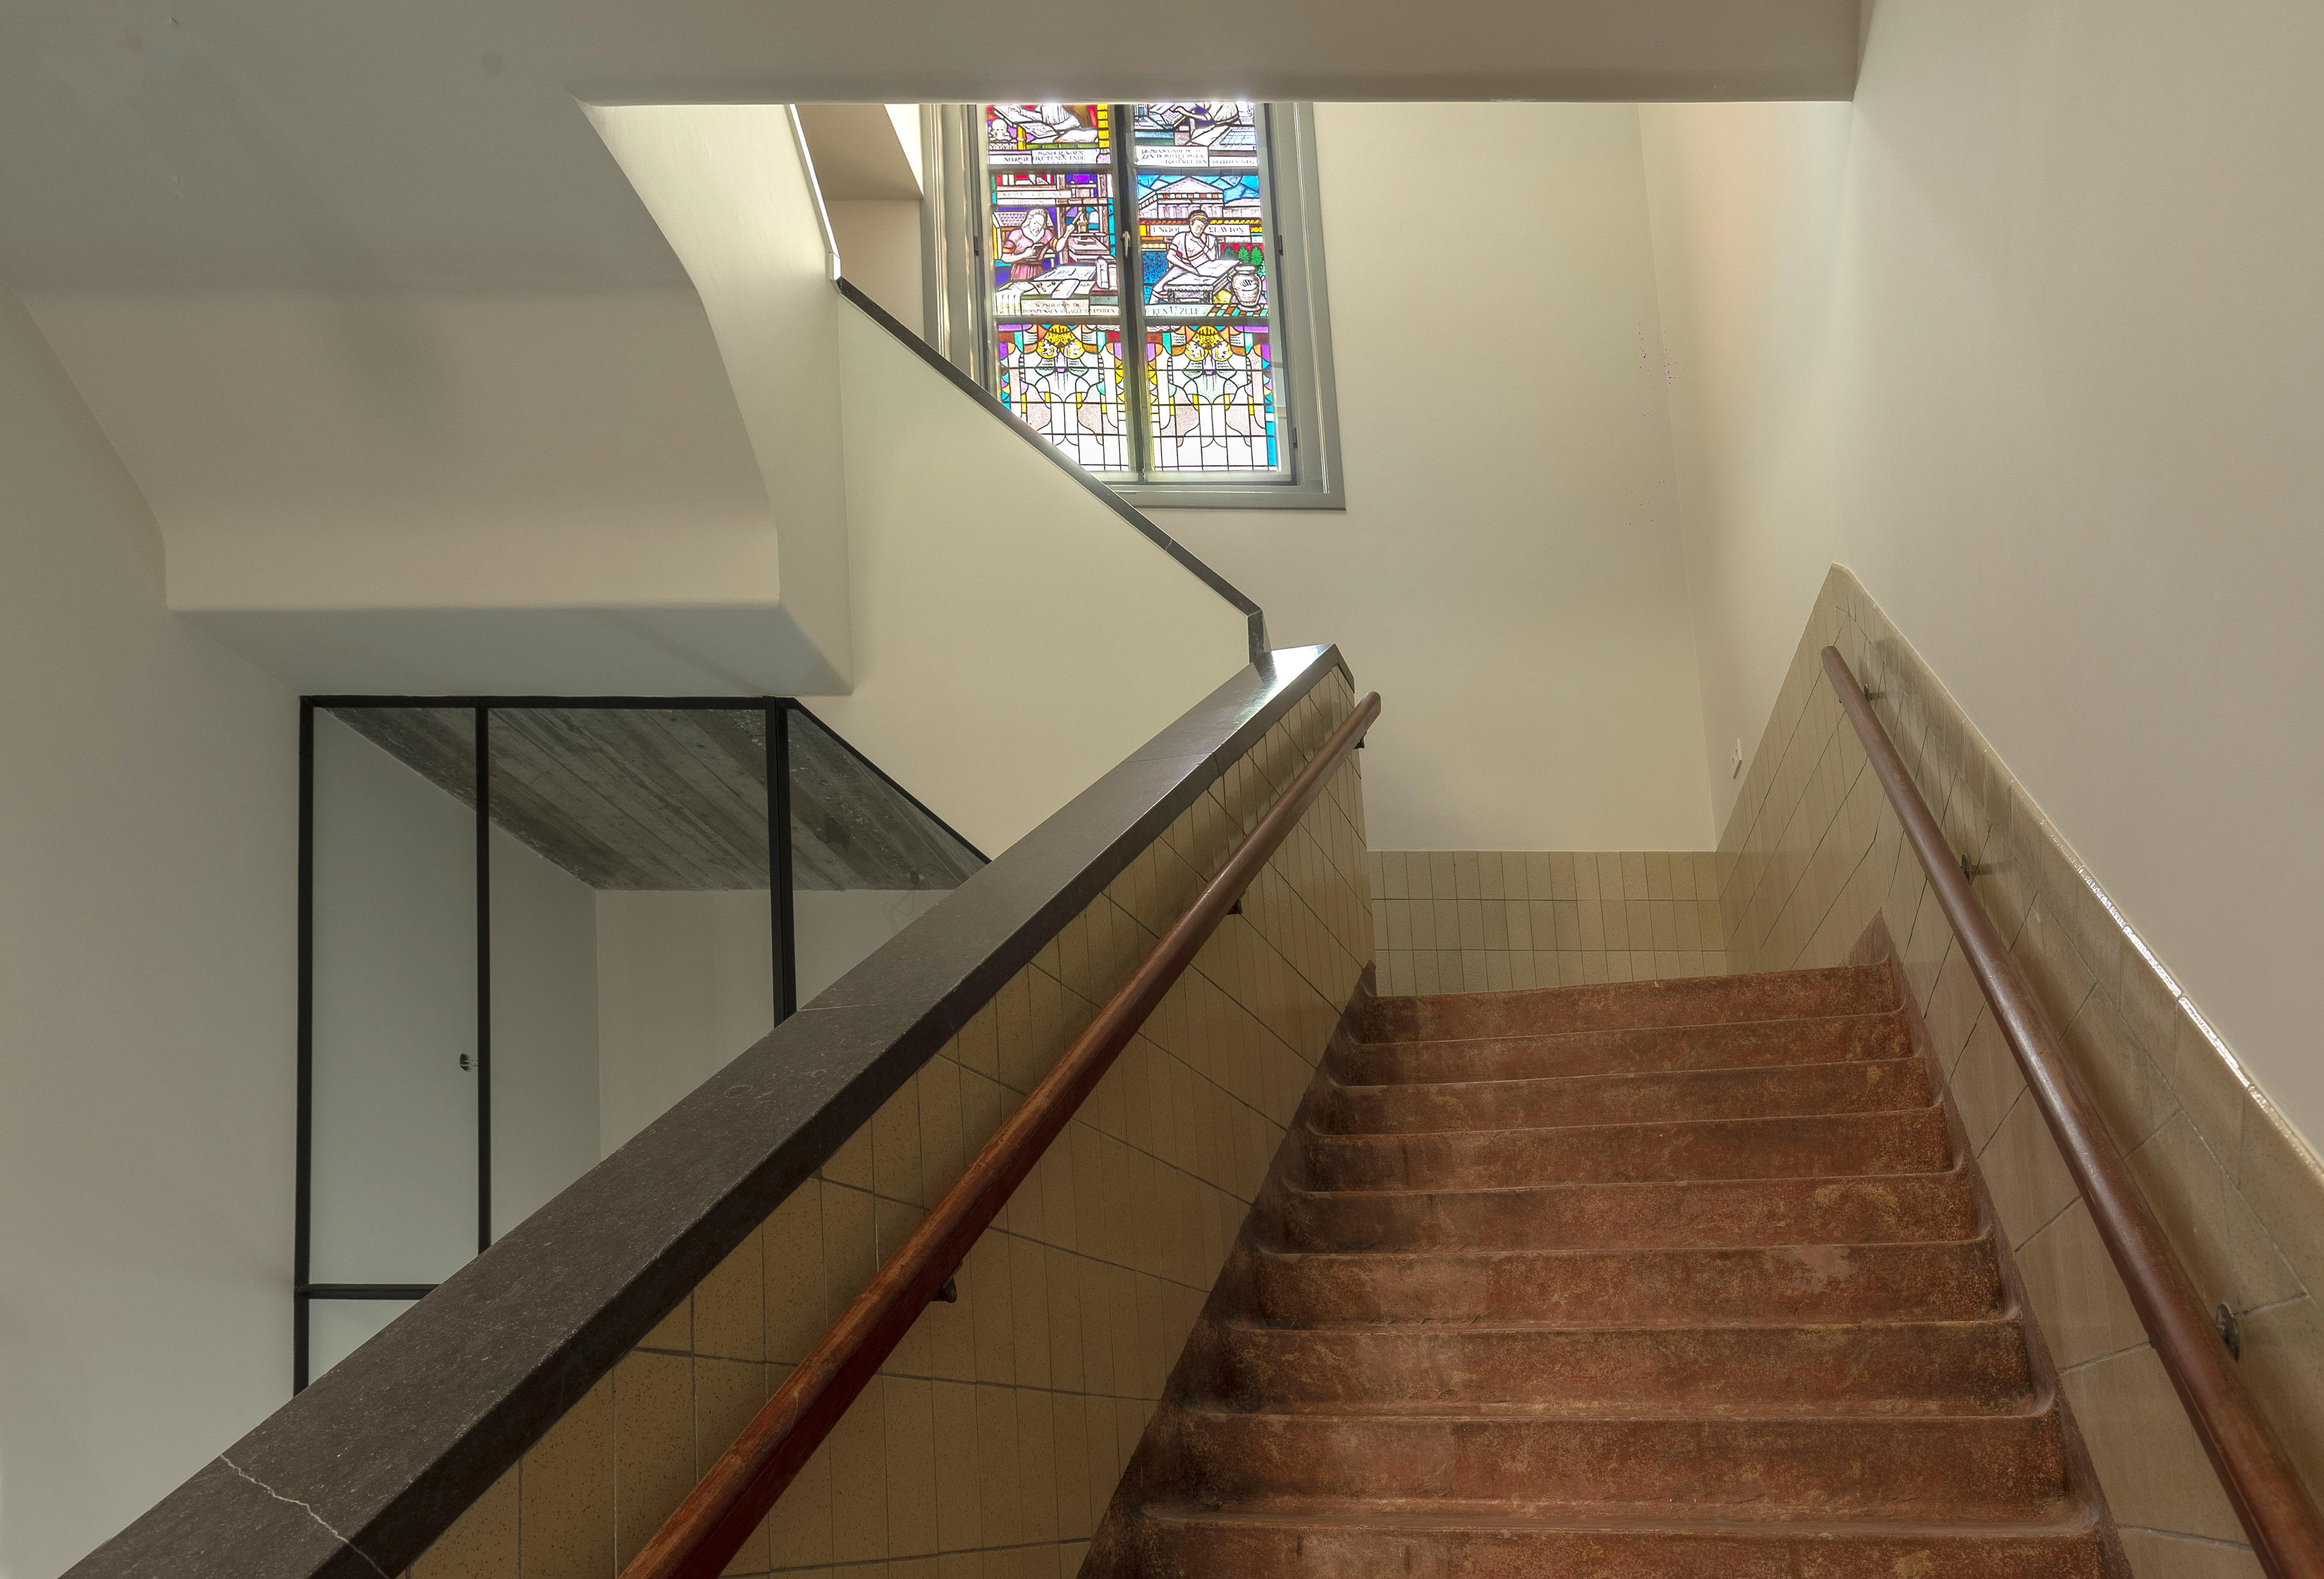 <p>De monumentale trap van de bibliotheek uit 1939</p>